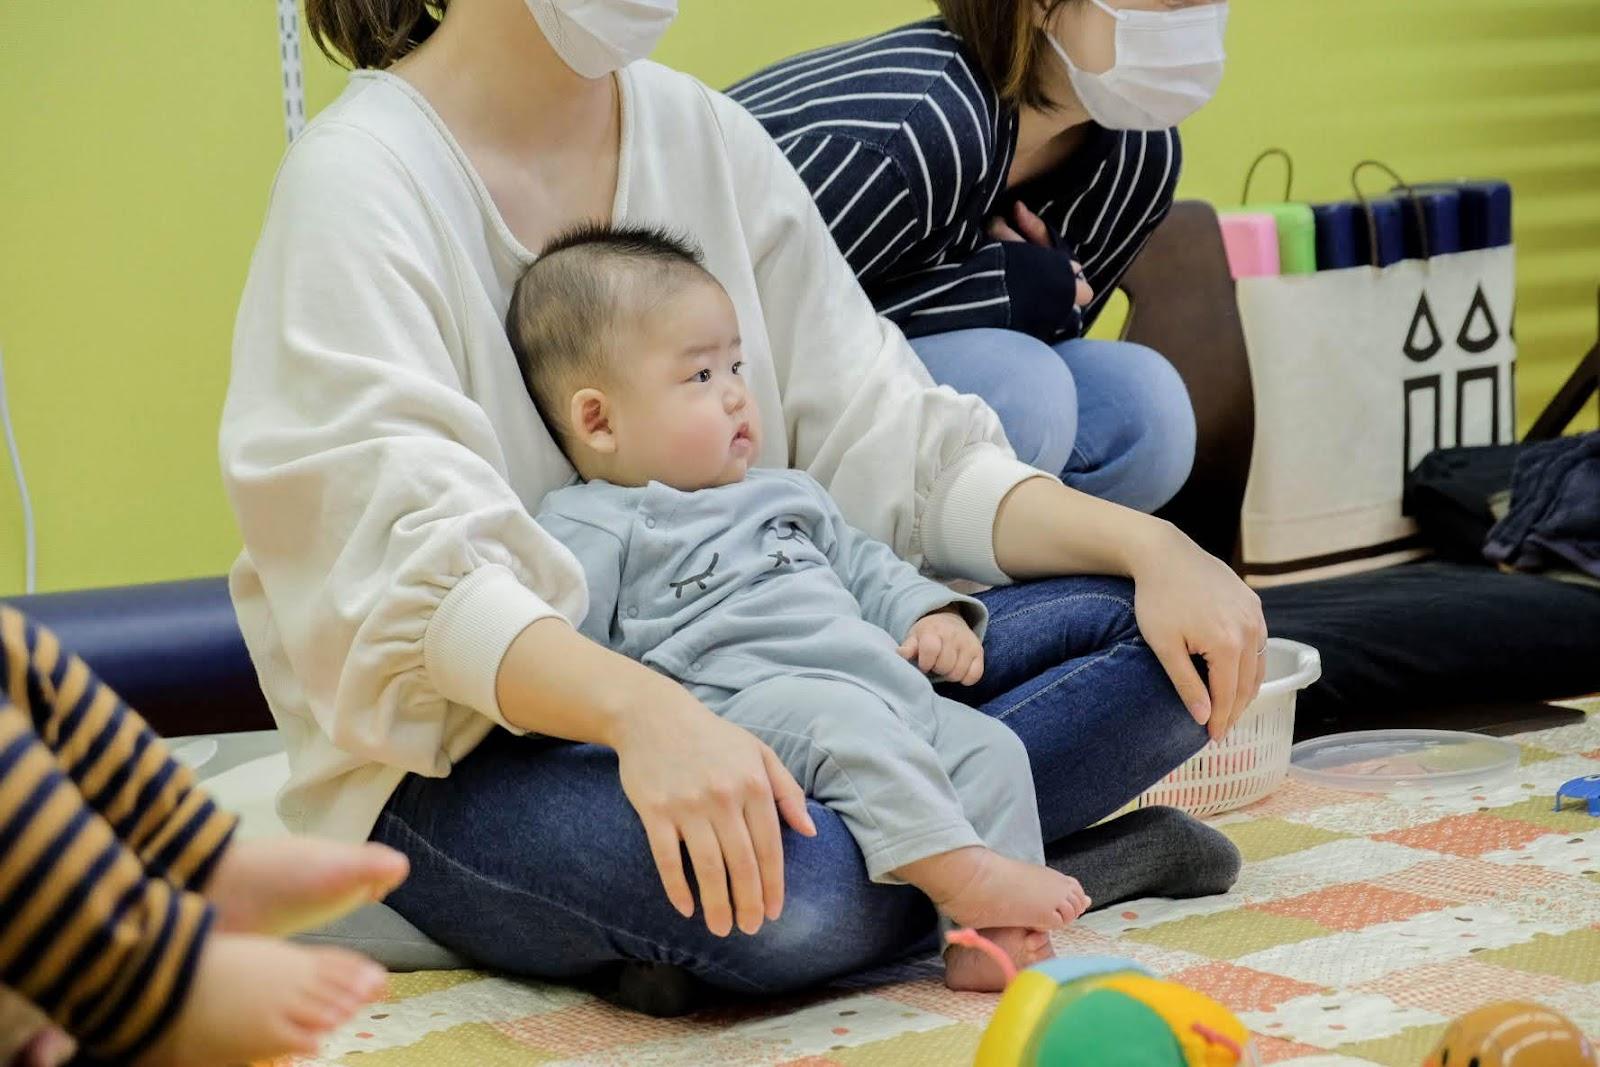 赤ちゃんを抱いて寝ている子供  中程度の精度で自動的に生成された説明